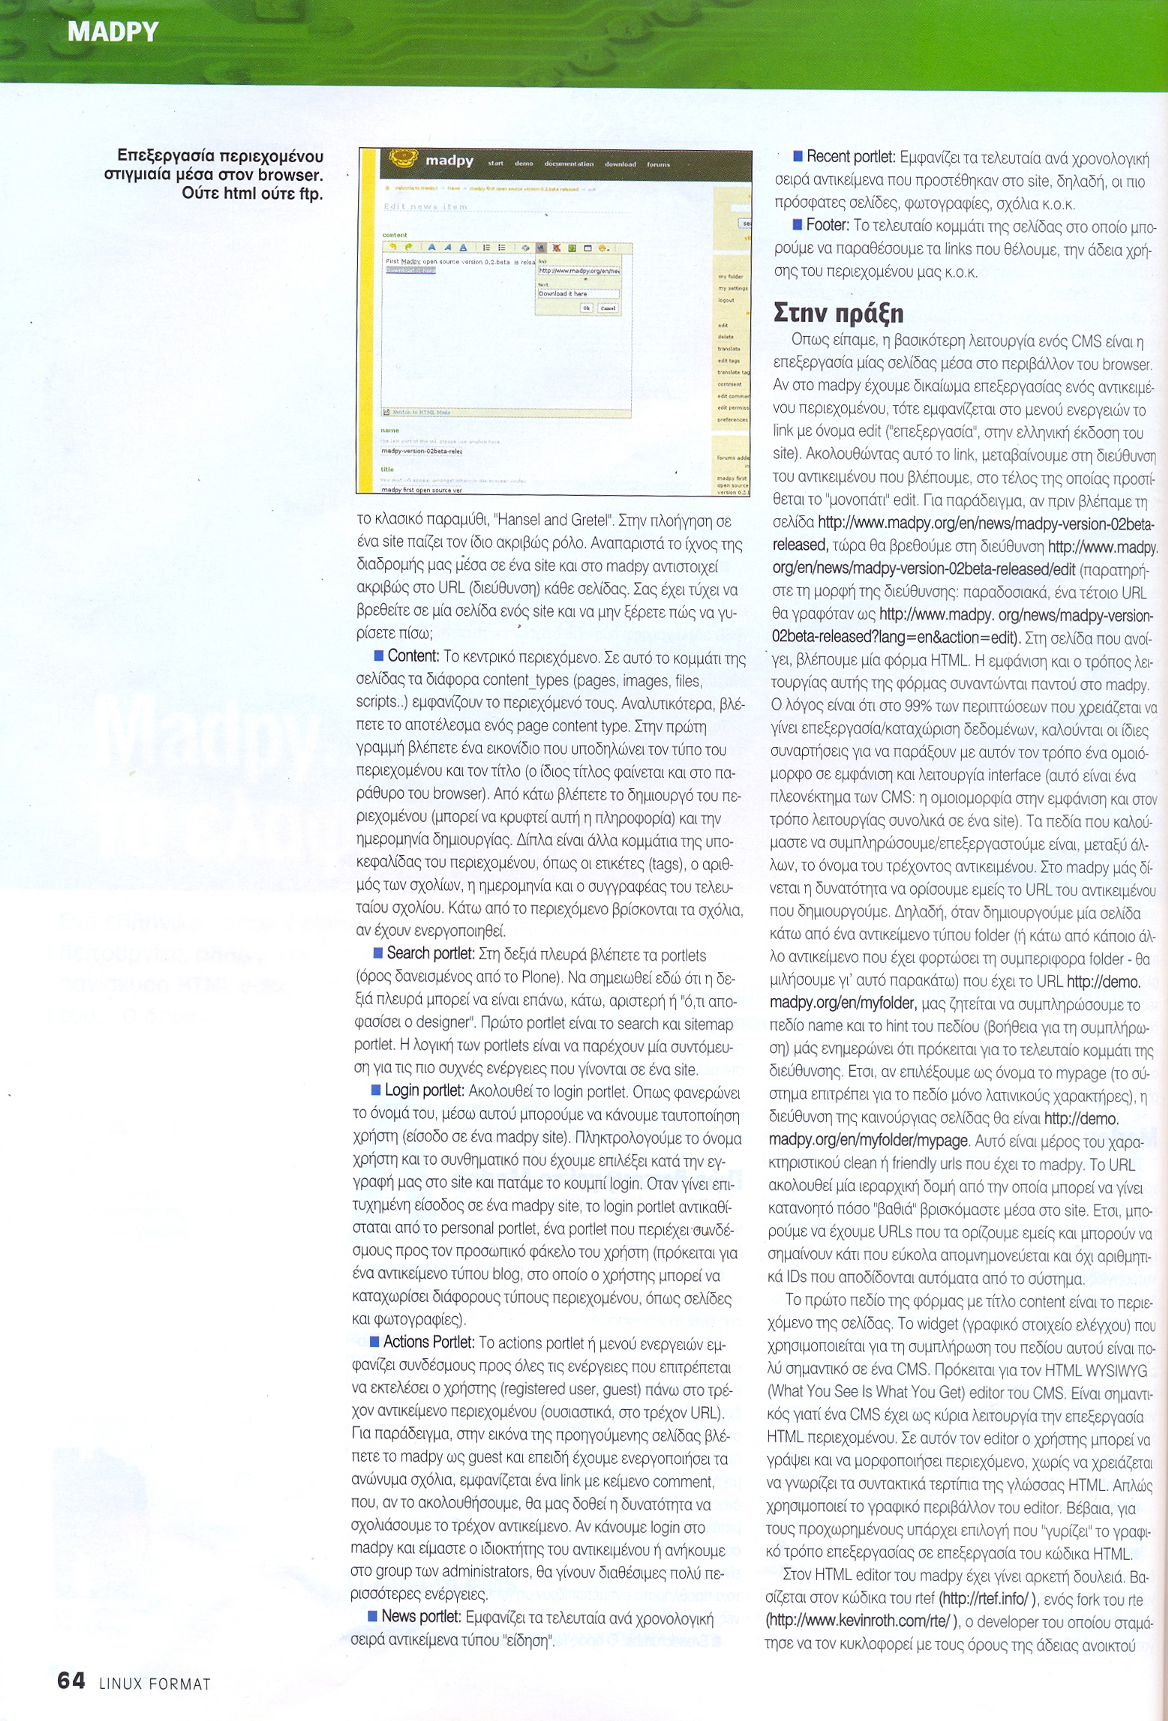 παρουσίαση madpy στο linux format - σελίδα 3